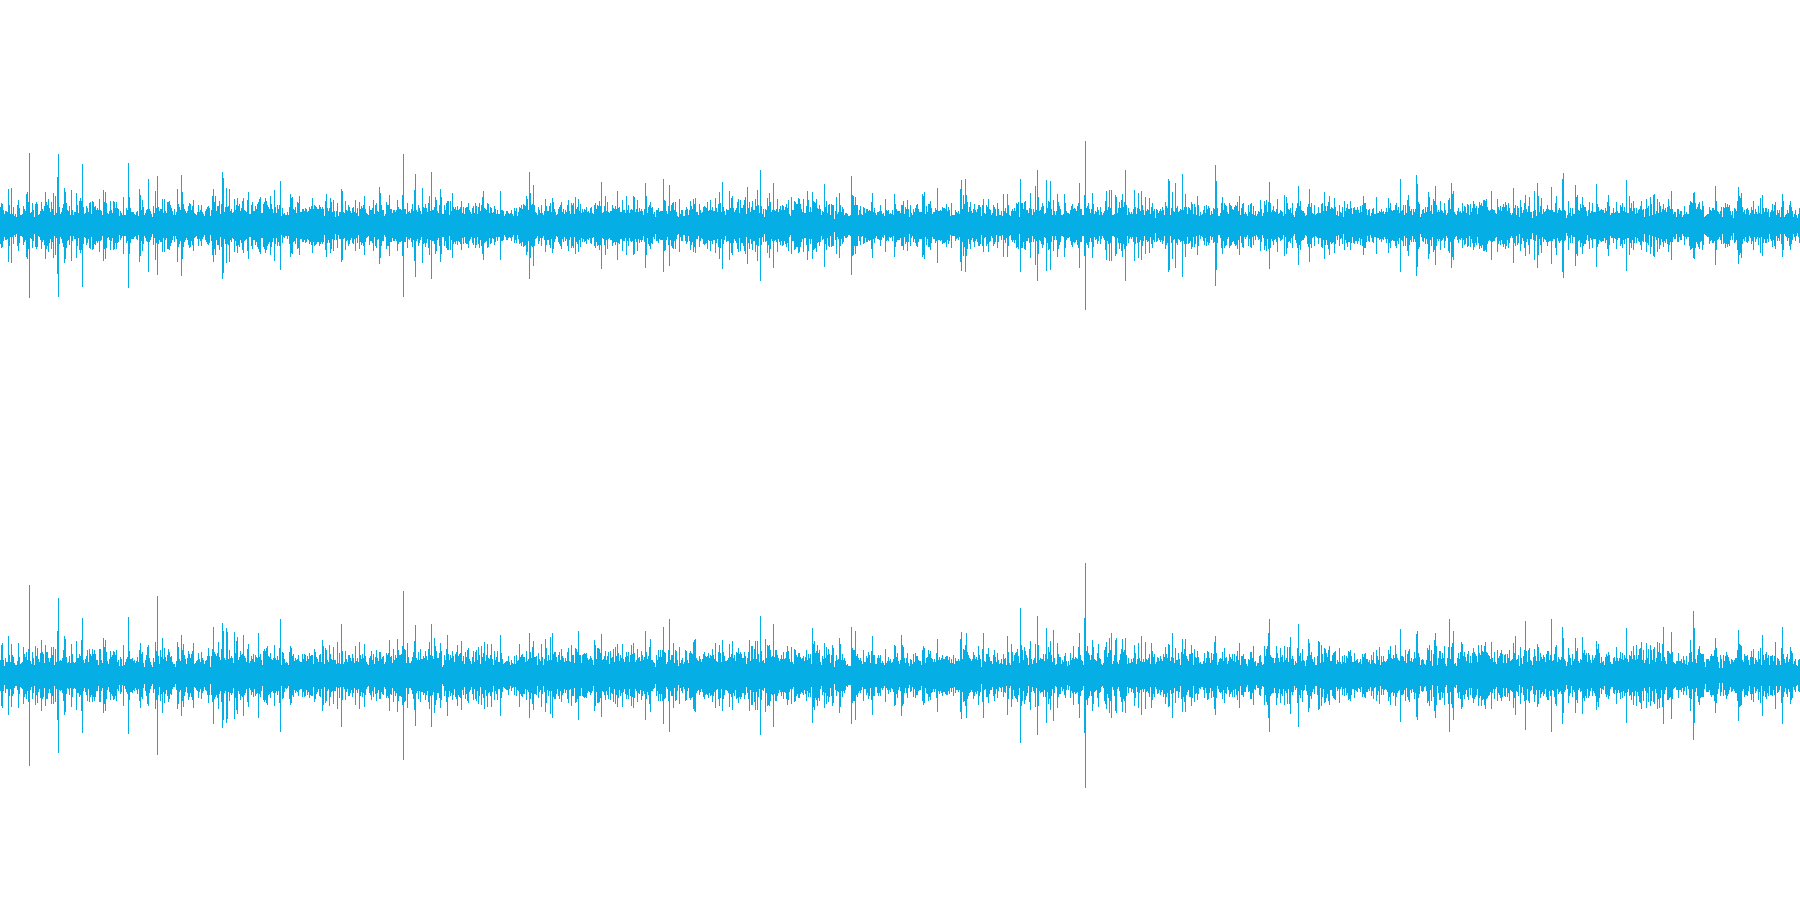 川の源流・小川・せせらぎ_01(ループ)の再生済みの波形